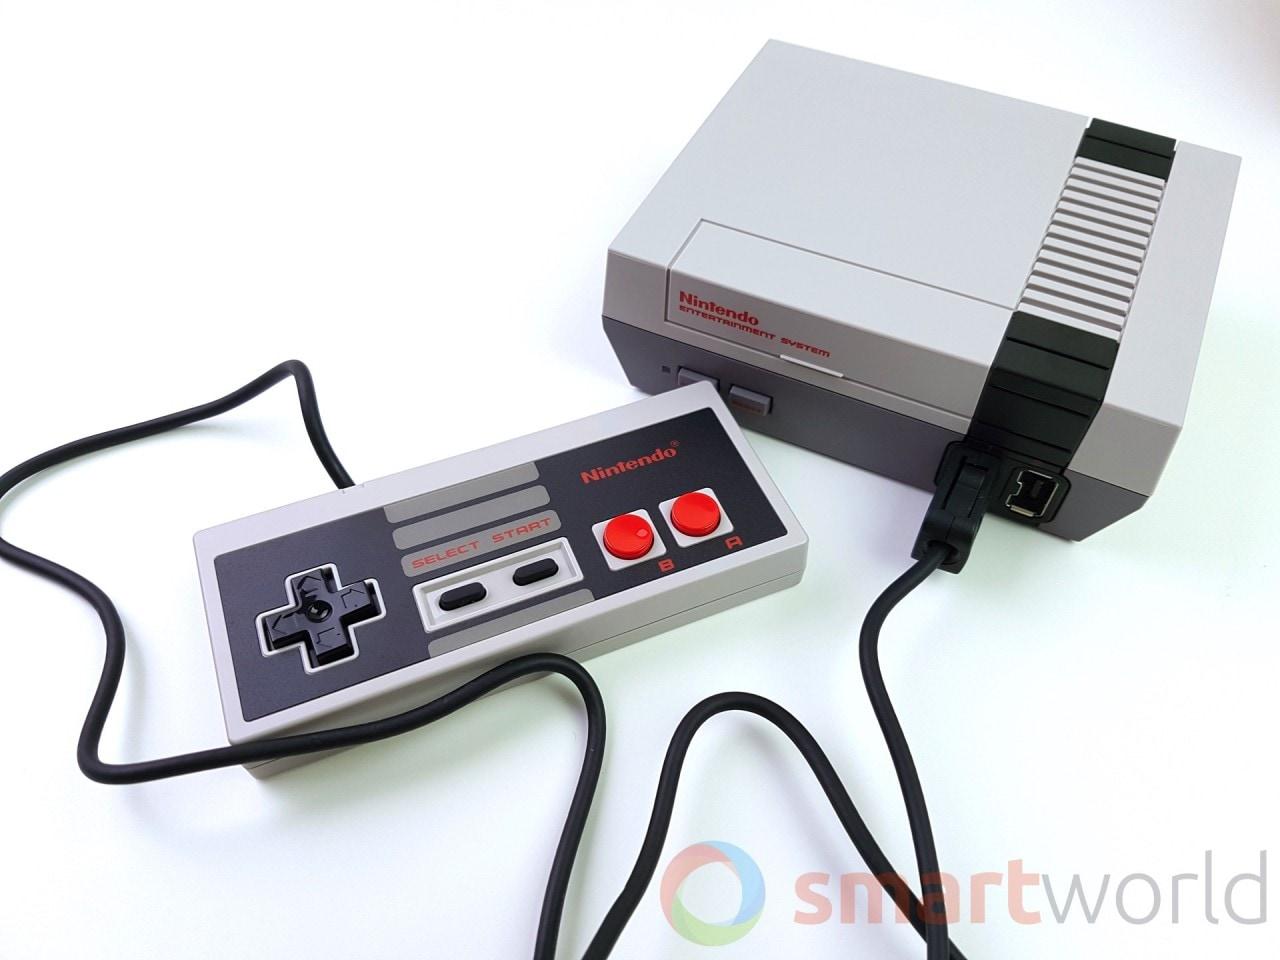 Recensione Nintendo Classic Mini NES - Il cavo del controller è davvero troppo corto, solo 80 centimetri di lunghezza.